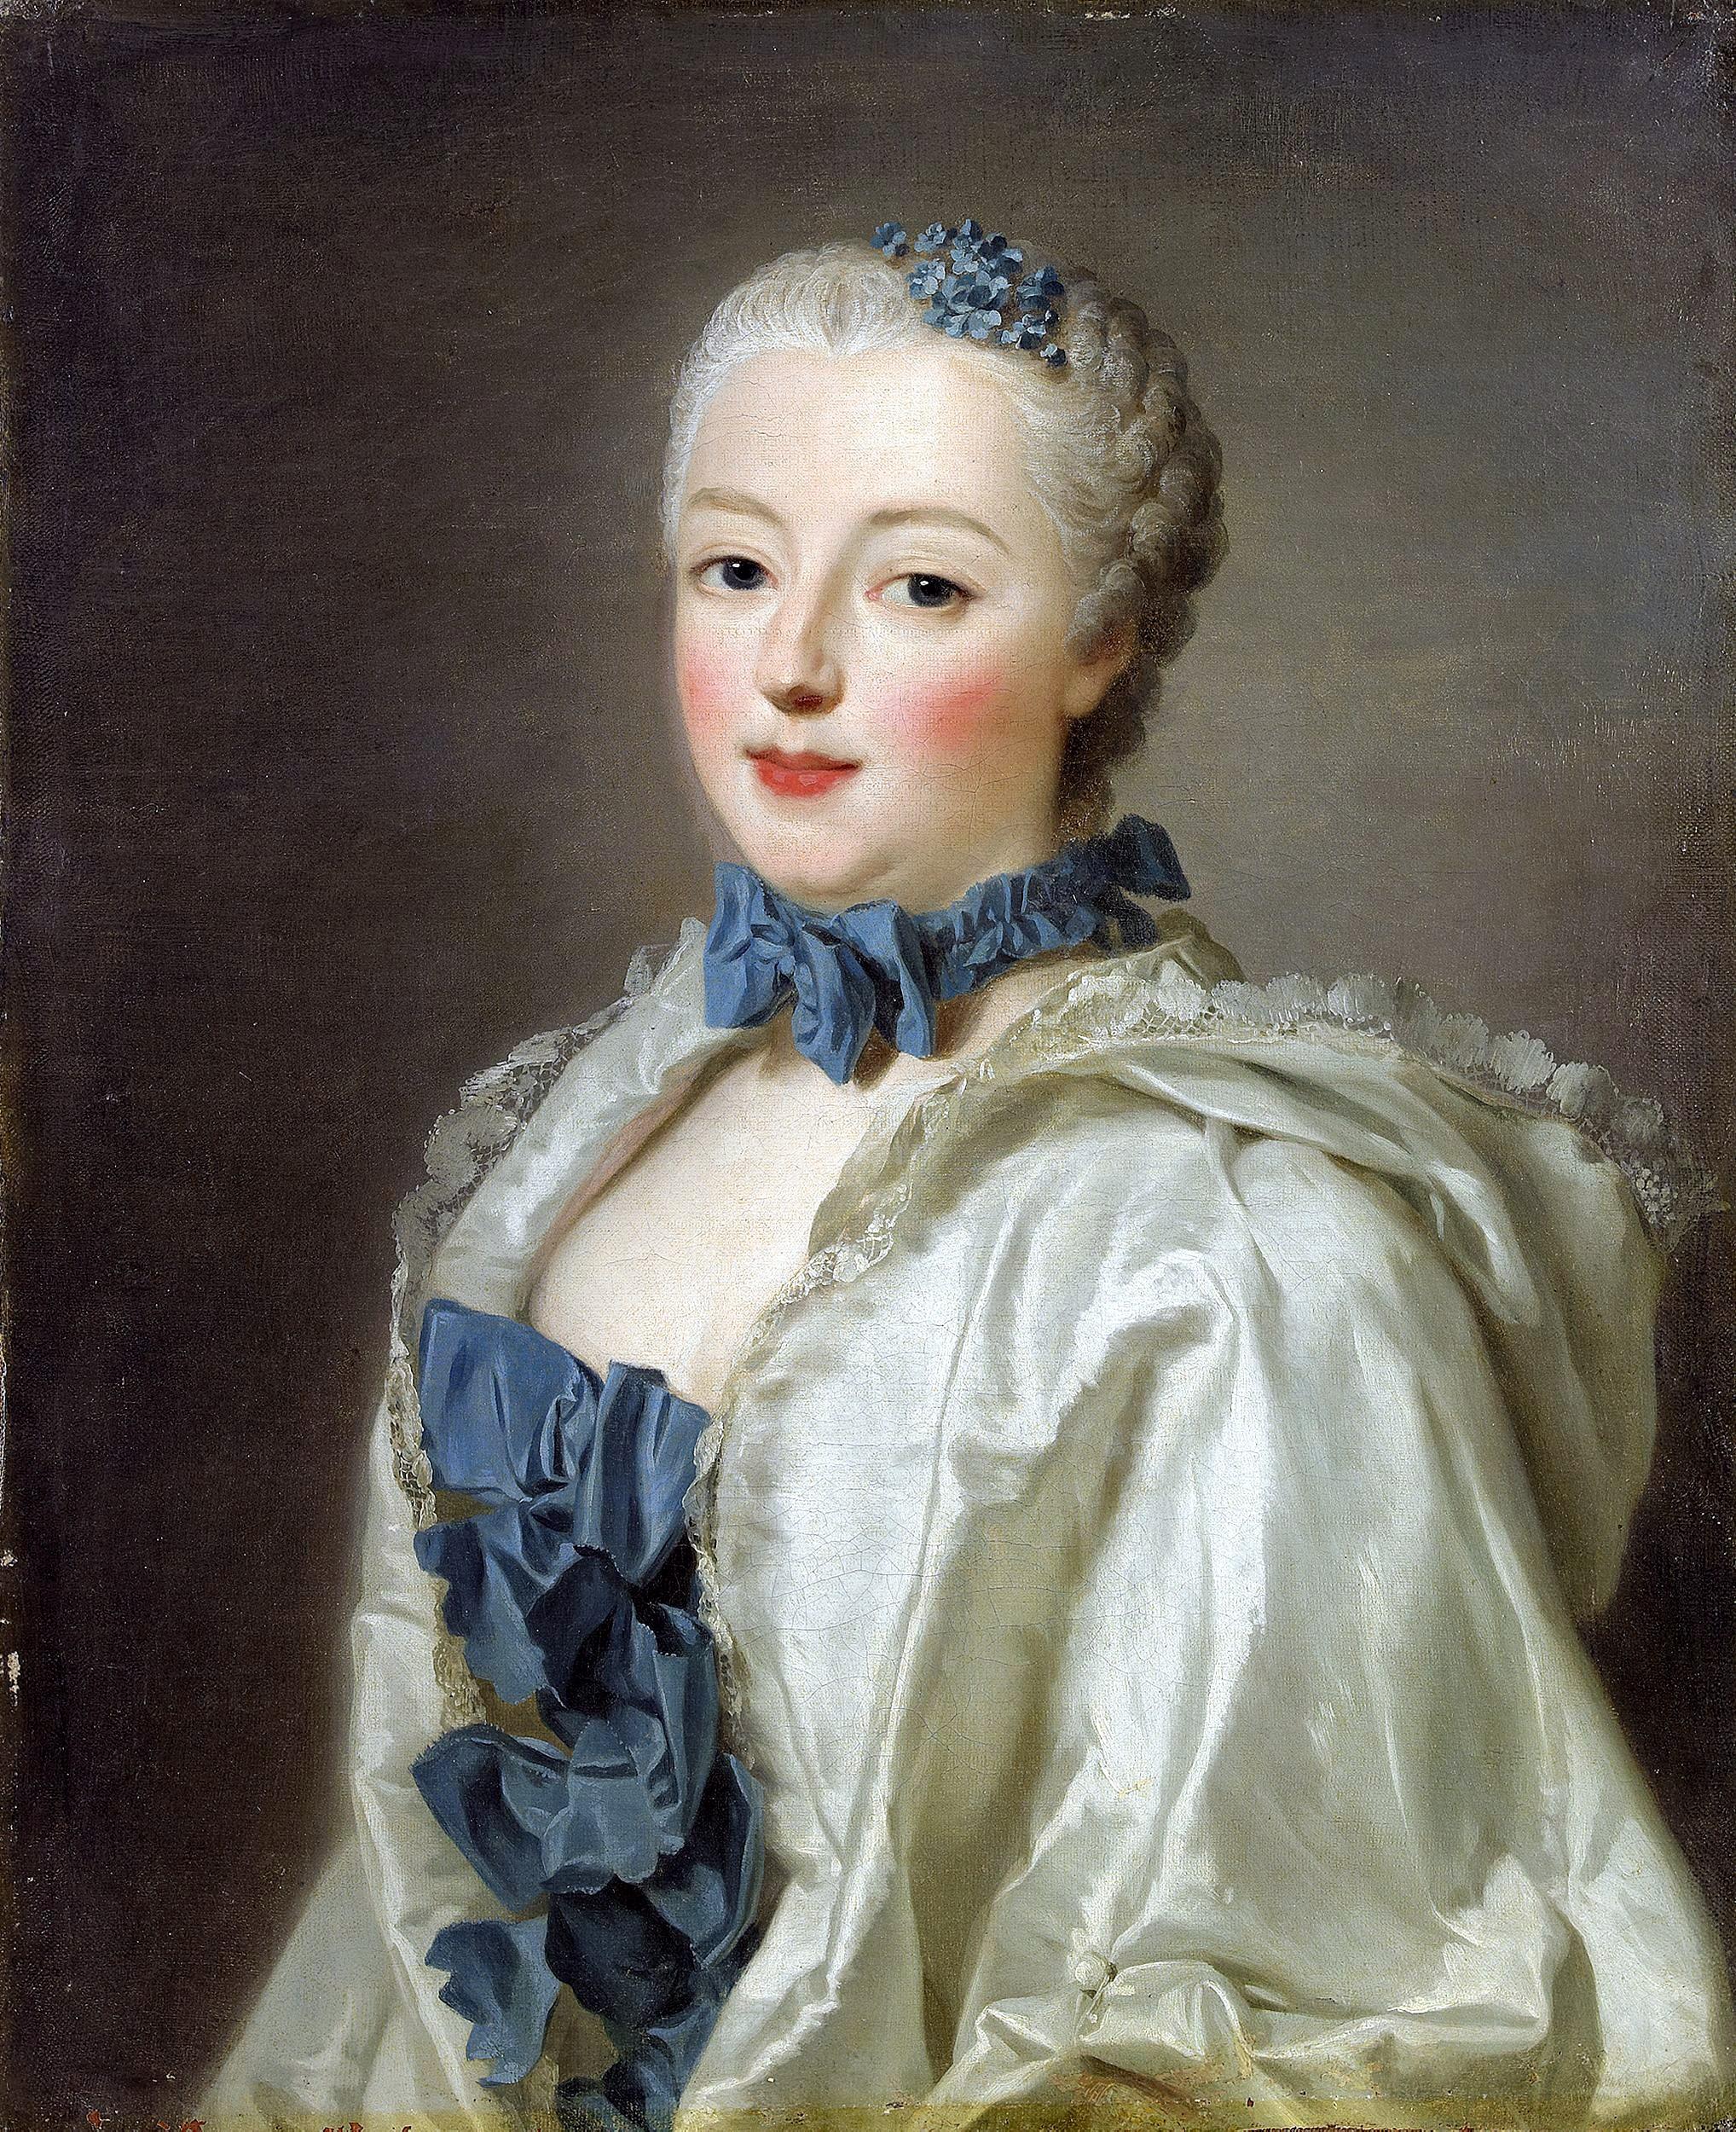 Countess_Françoise_Marguerite_de_Grignan_(1646-1705)